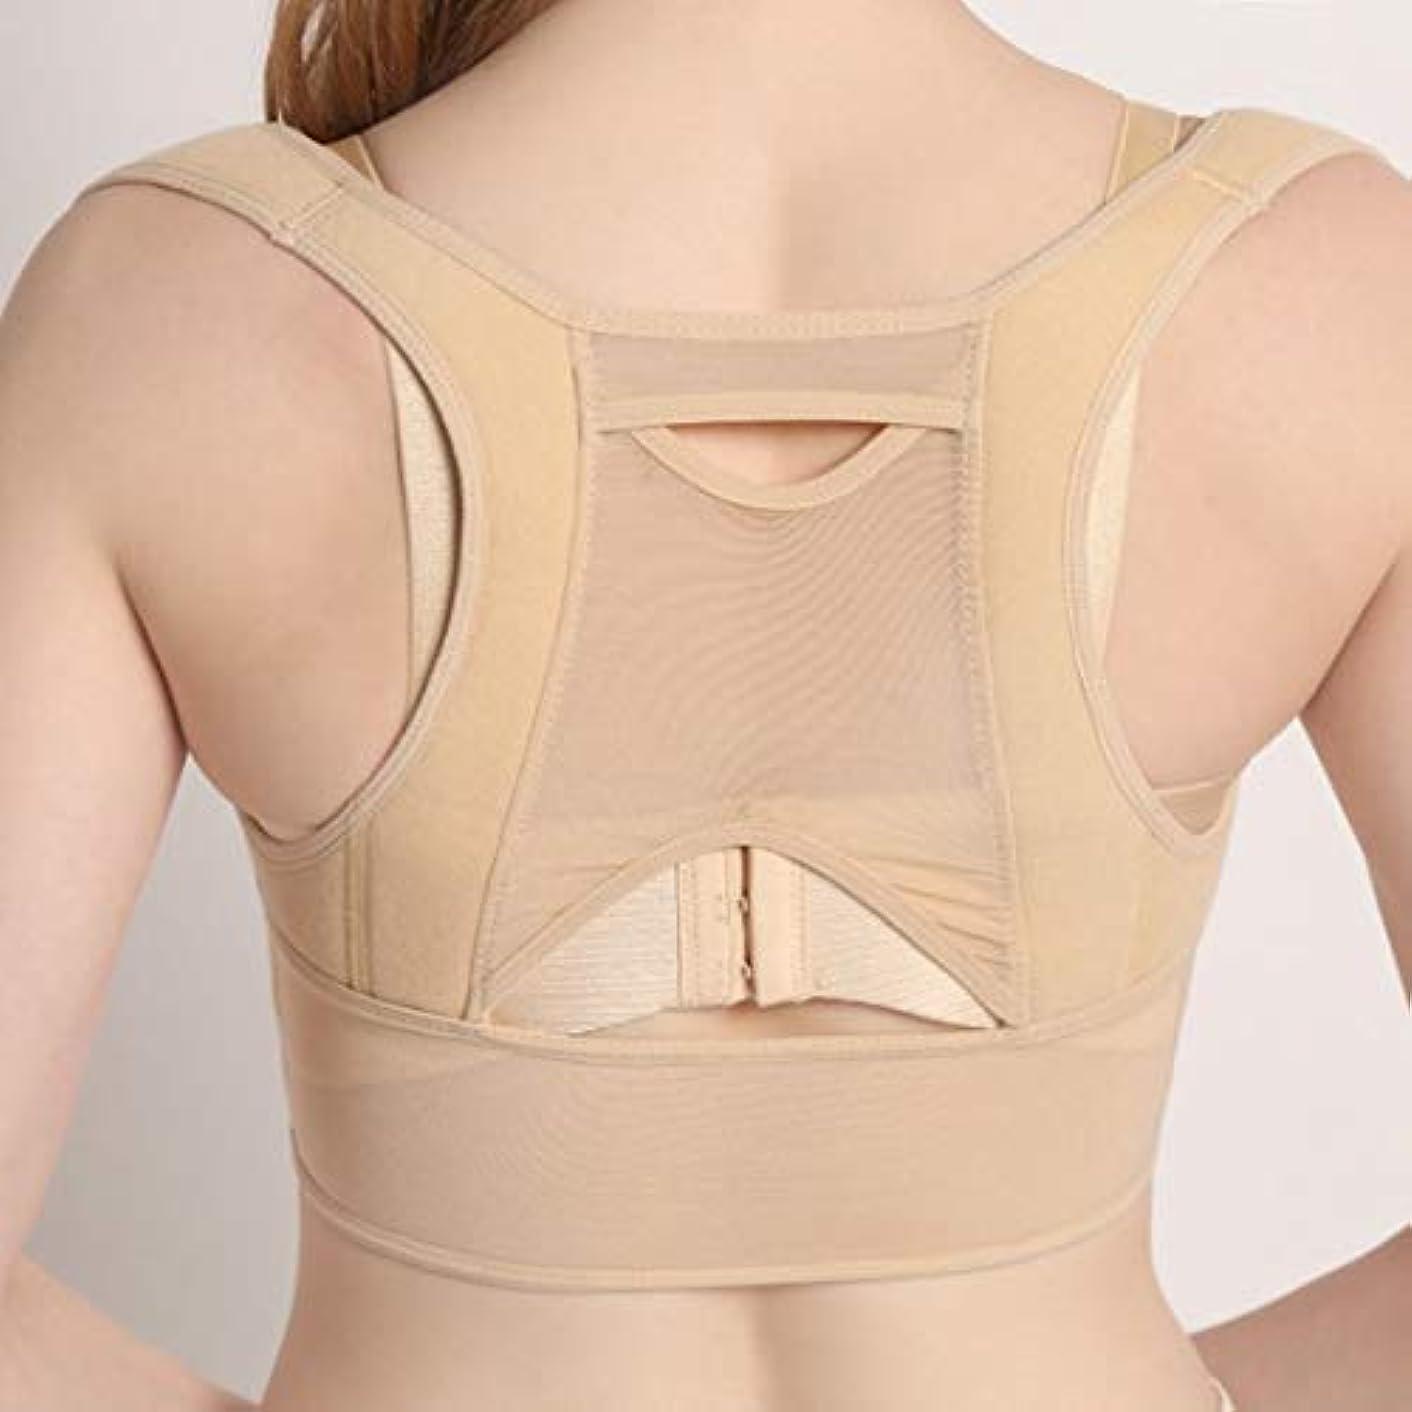 欺選出する求める通気性のある女性の背中の姿勢矯正コルセット整形外科の肩の背骨の背骨の姿勢矯正腰椎サポート (Rustle666)